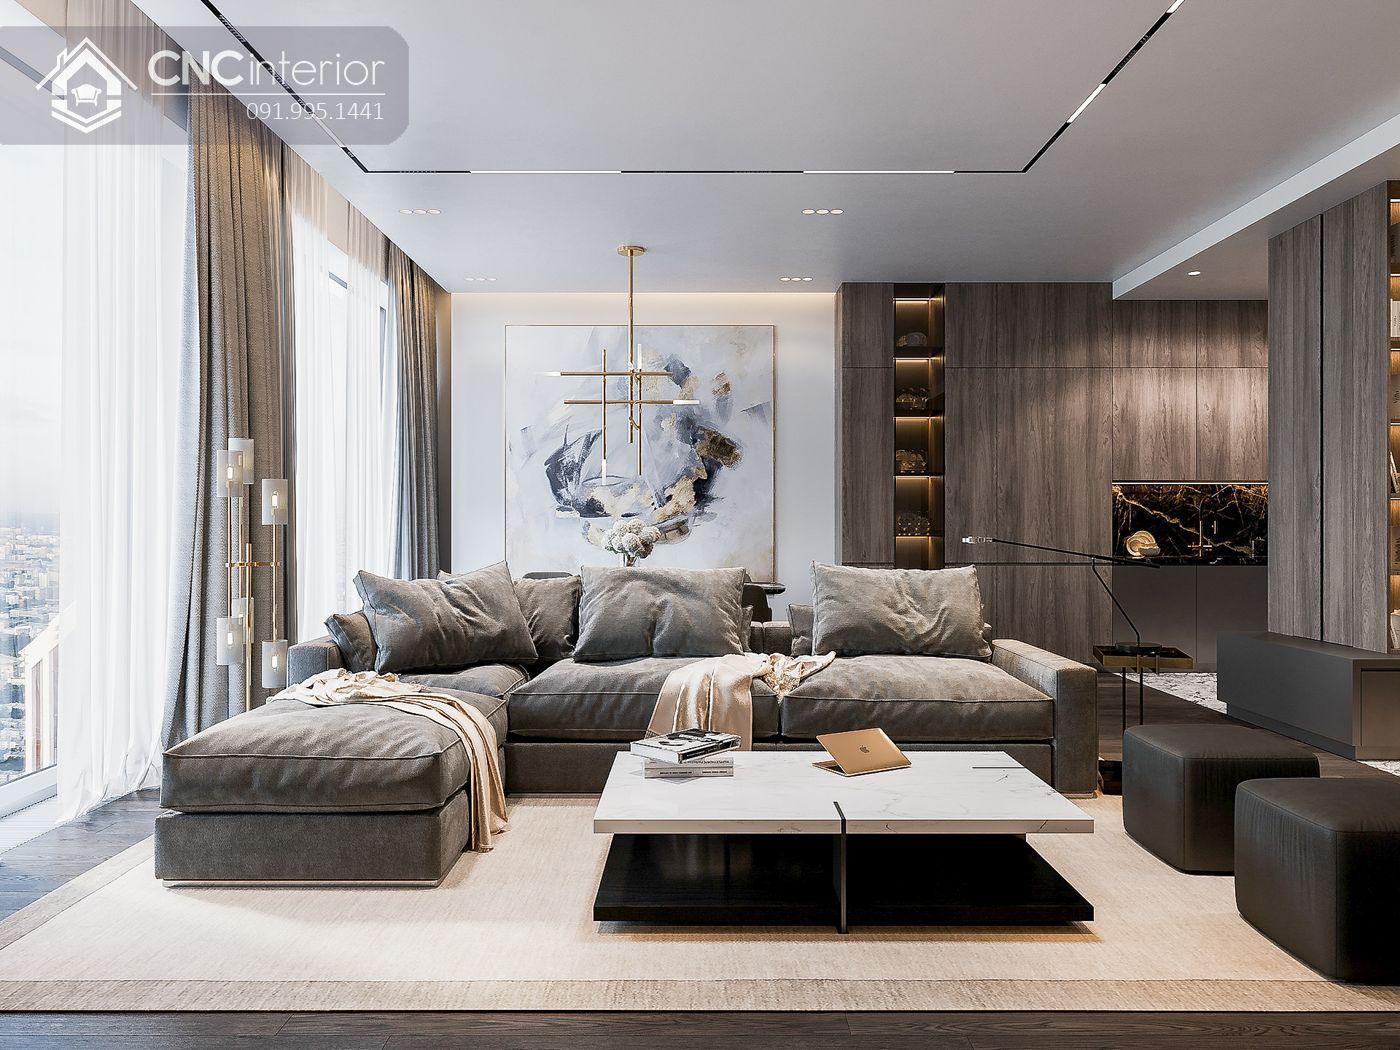 thiết kế nội thất căn hộ chung cư đẹp 8